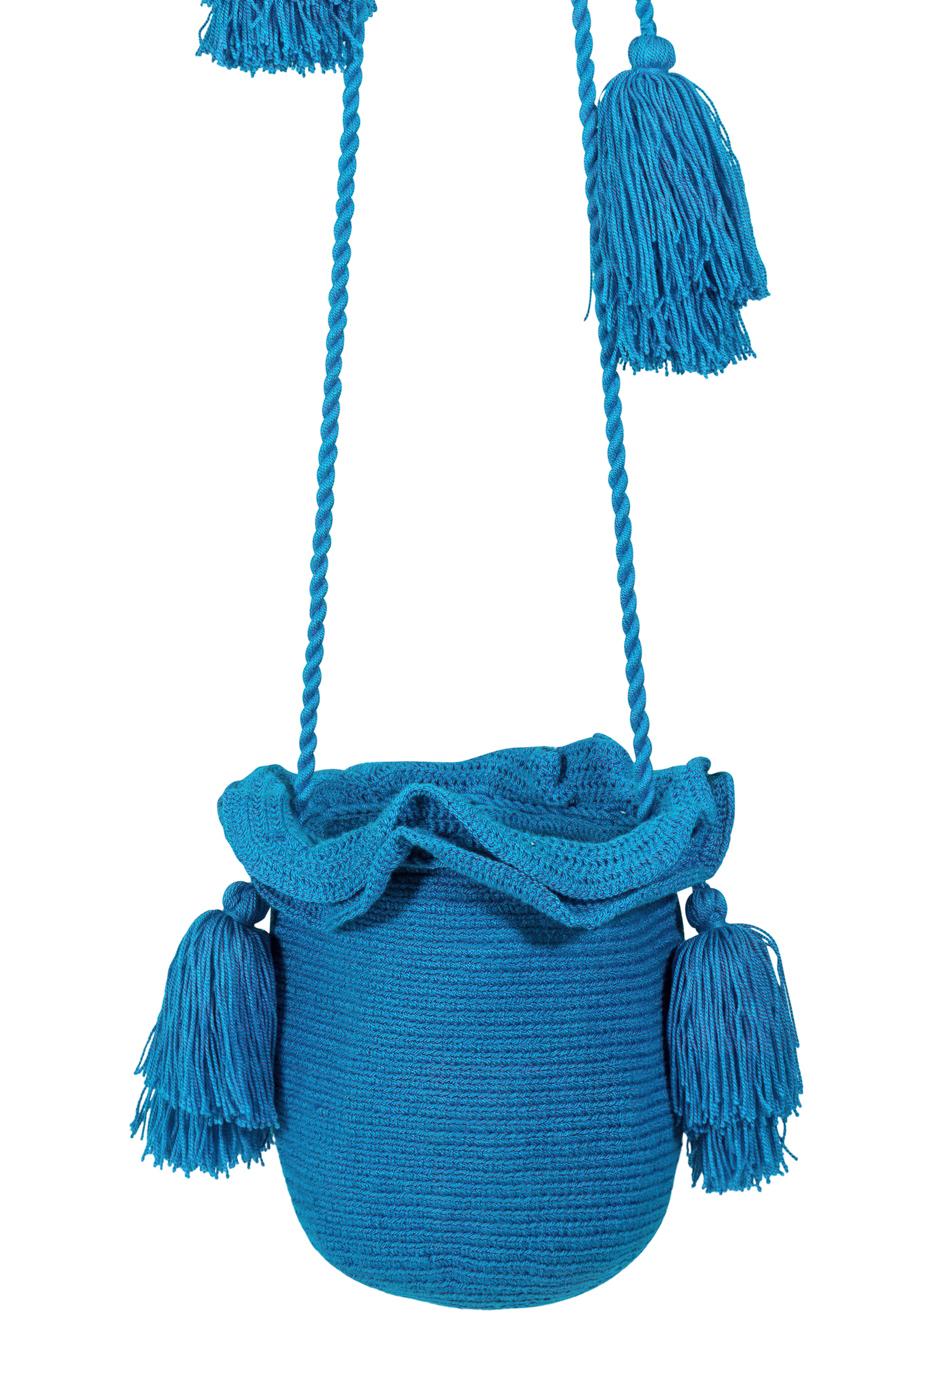 Mochila Guapa tubular azul jean